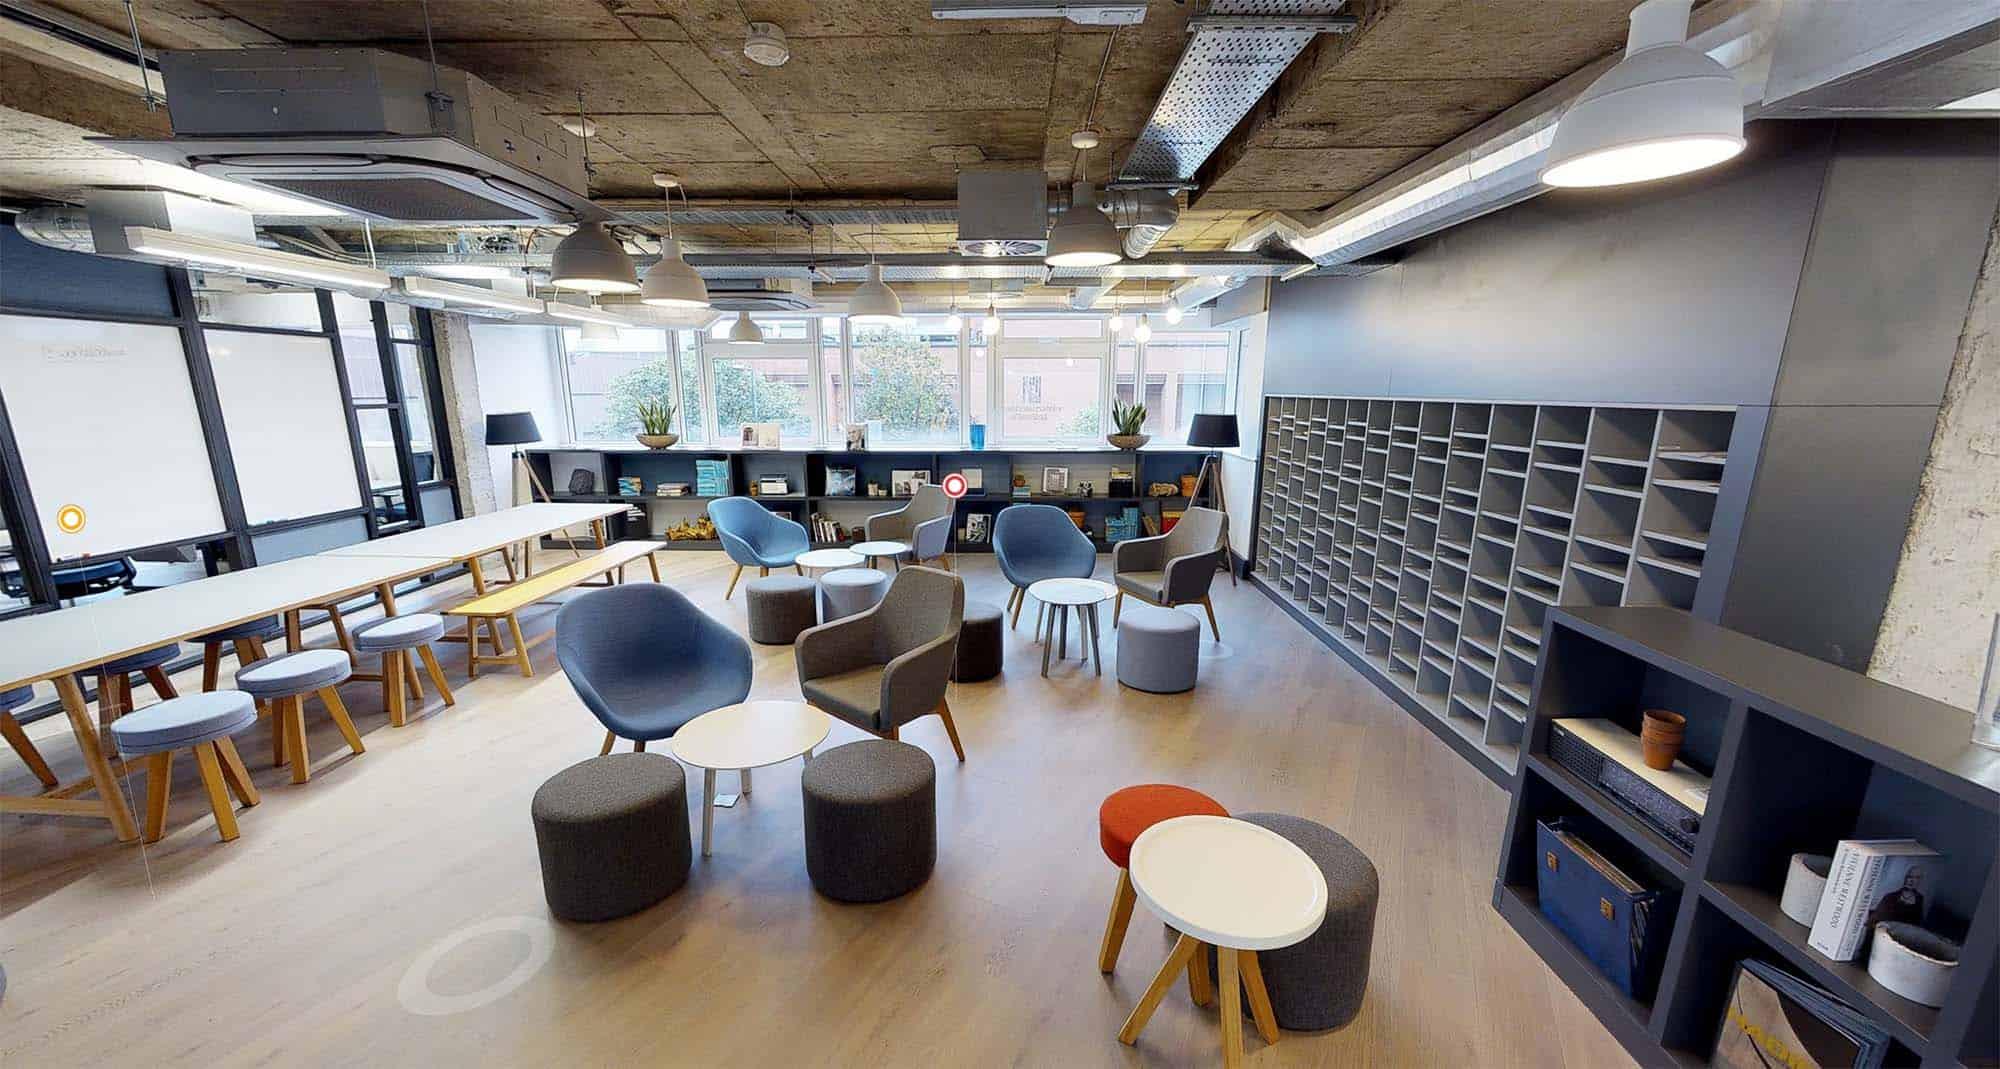 Clockwork hub / meeting area